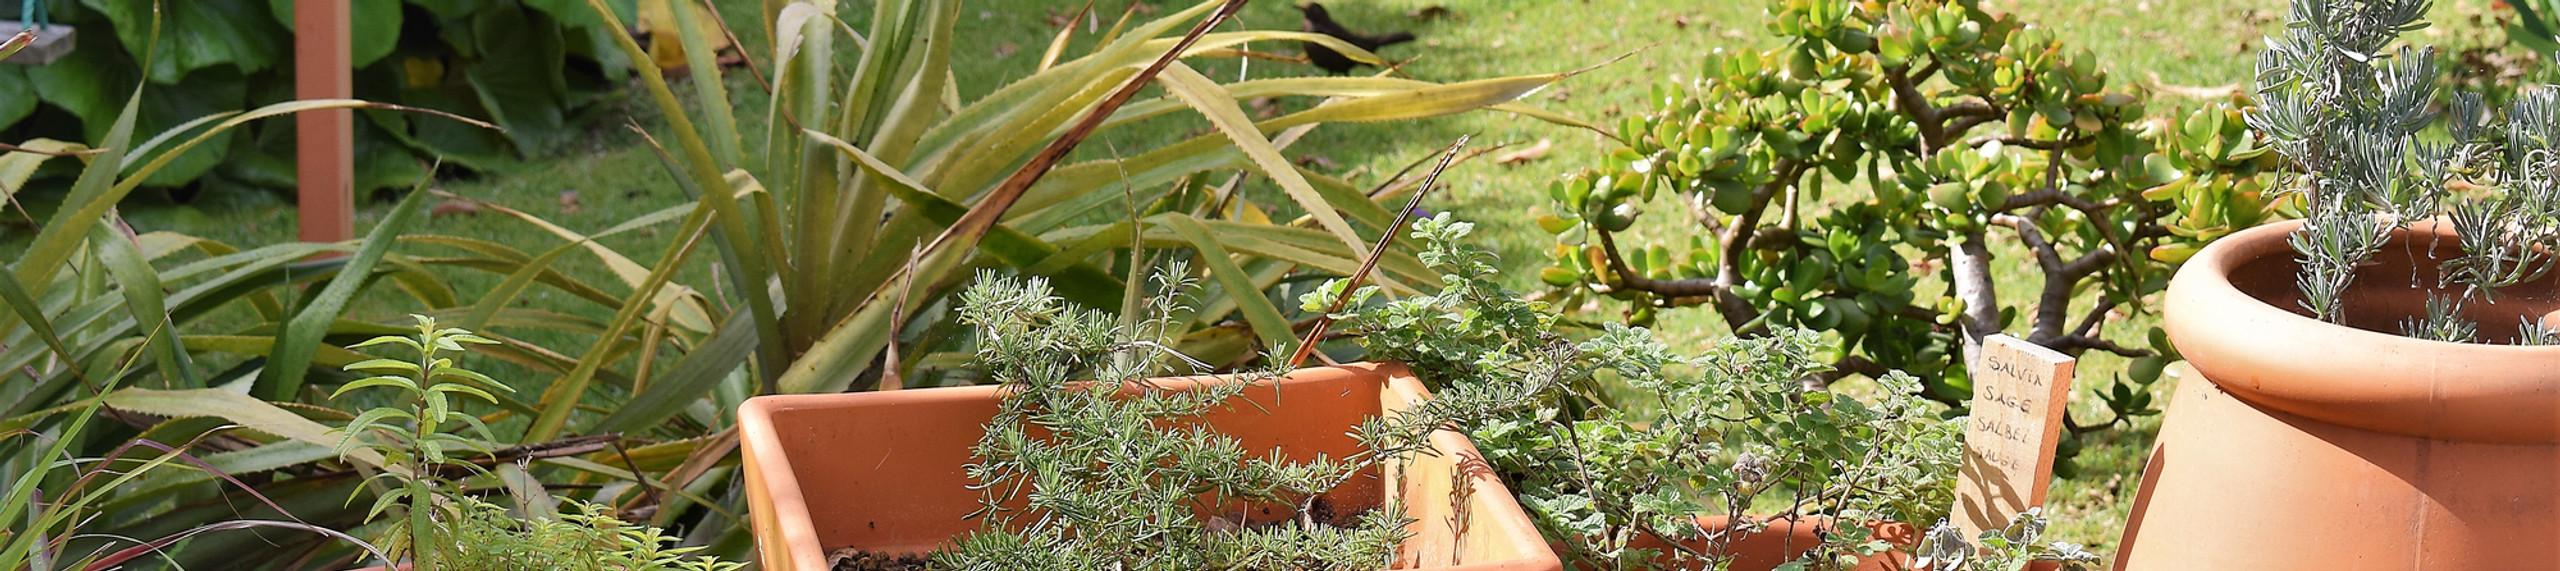 Quinta da Meia Eira - Ervas Aromáticas